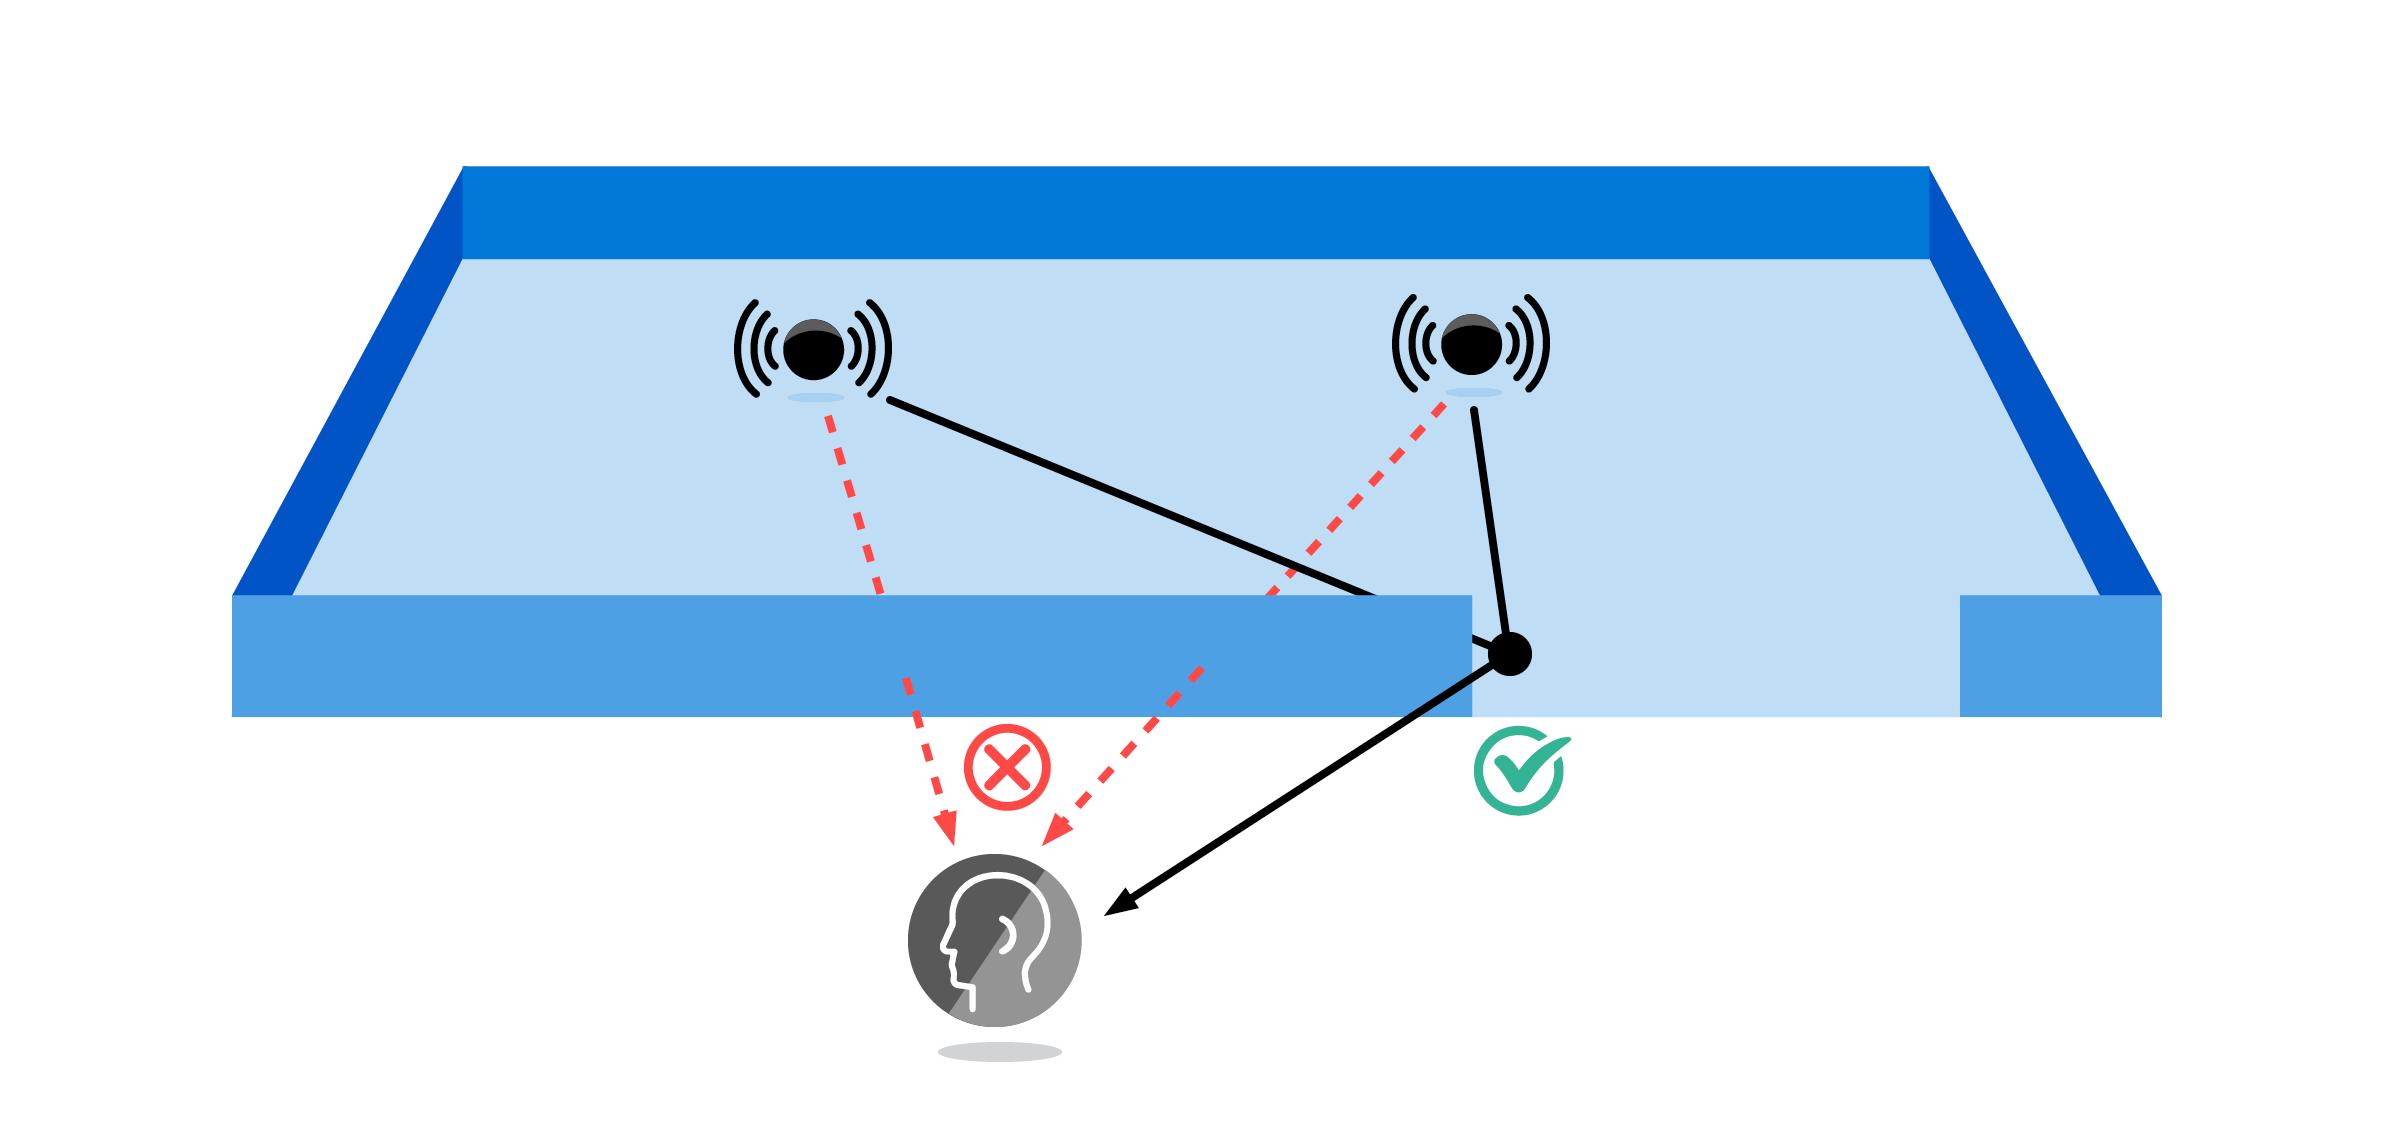 Project Triton sound portaling